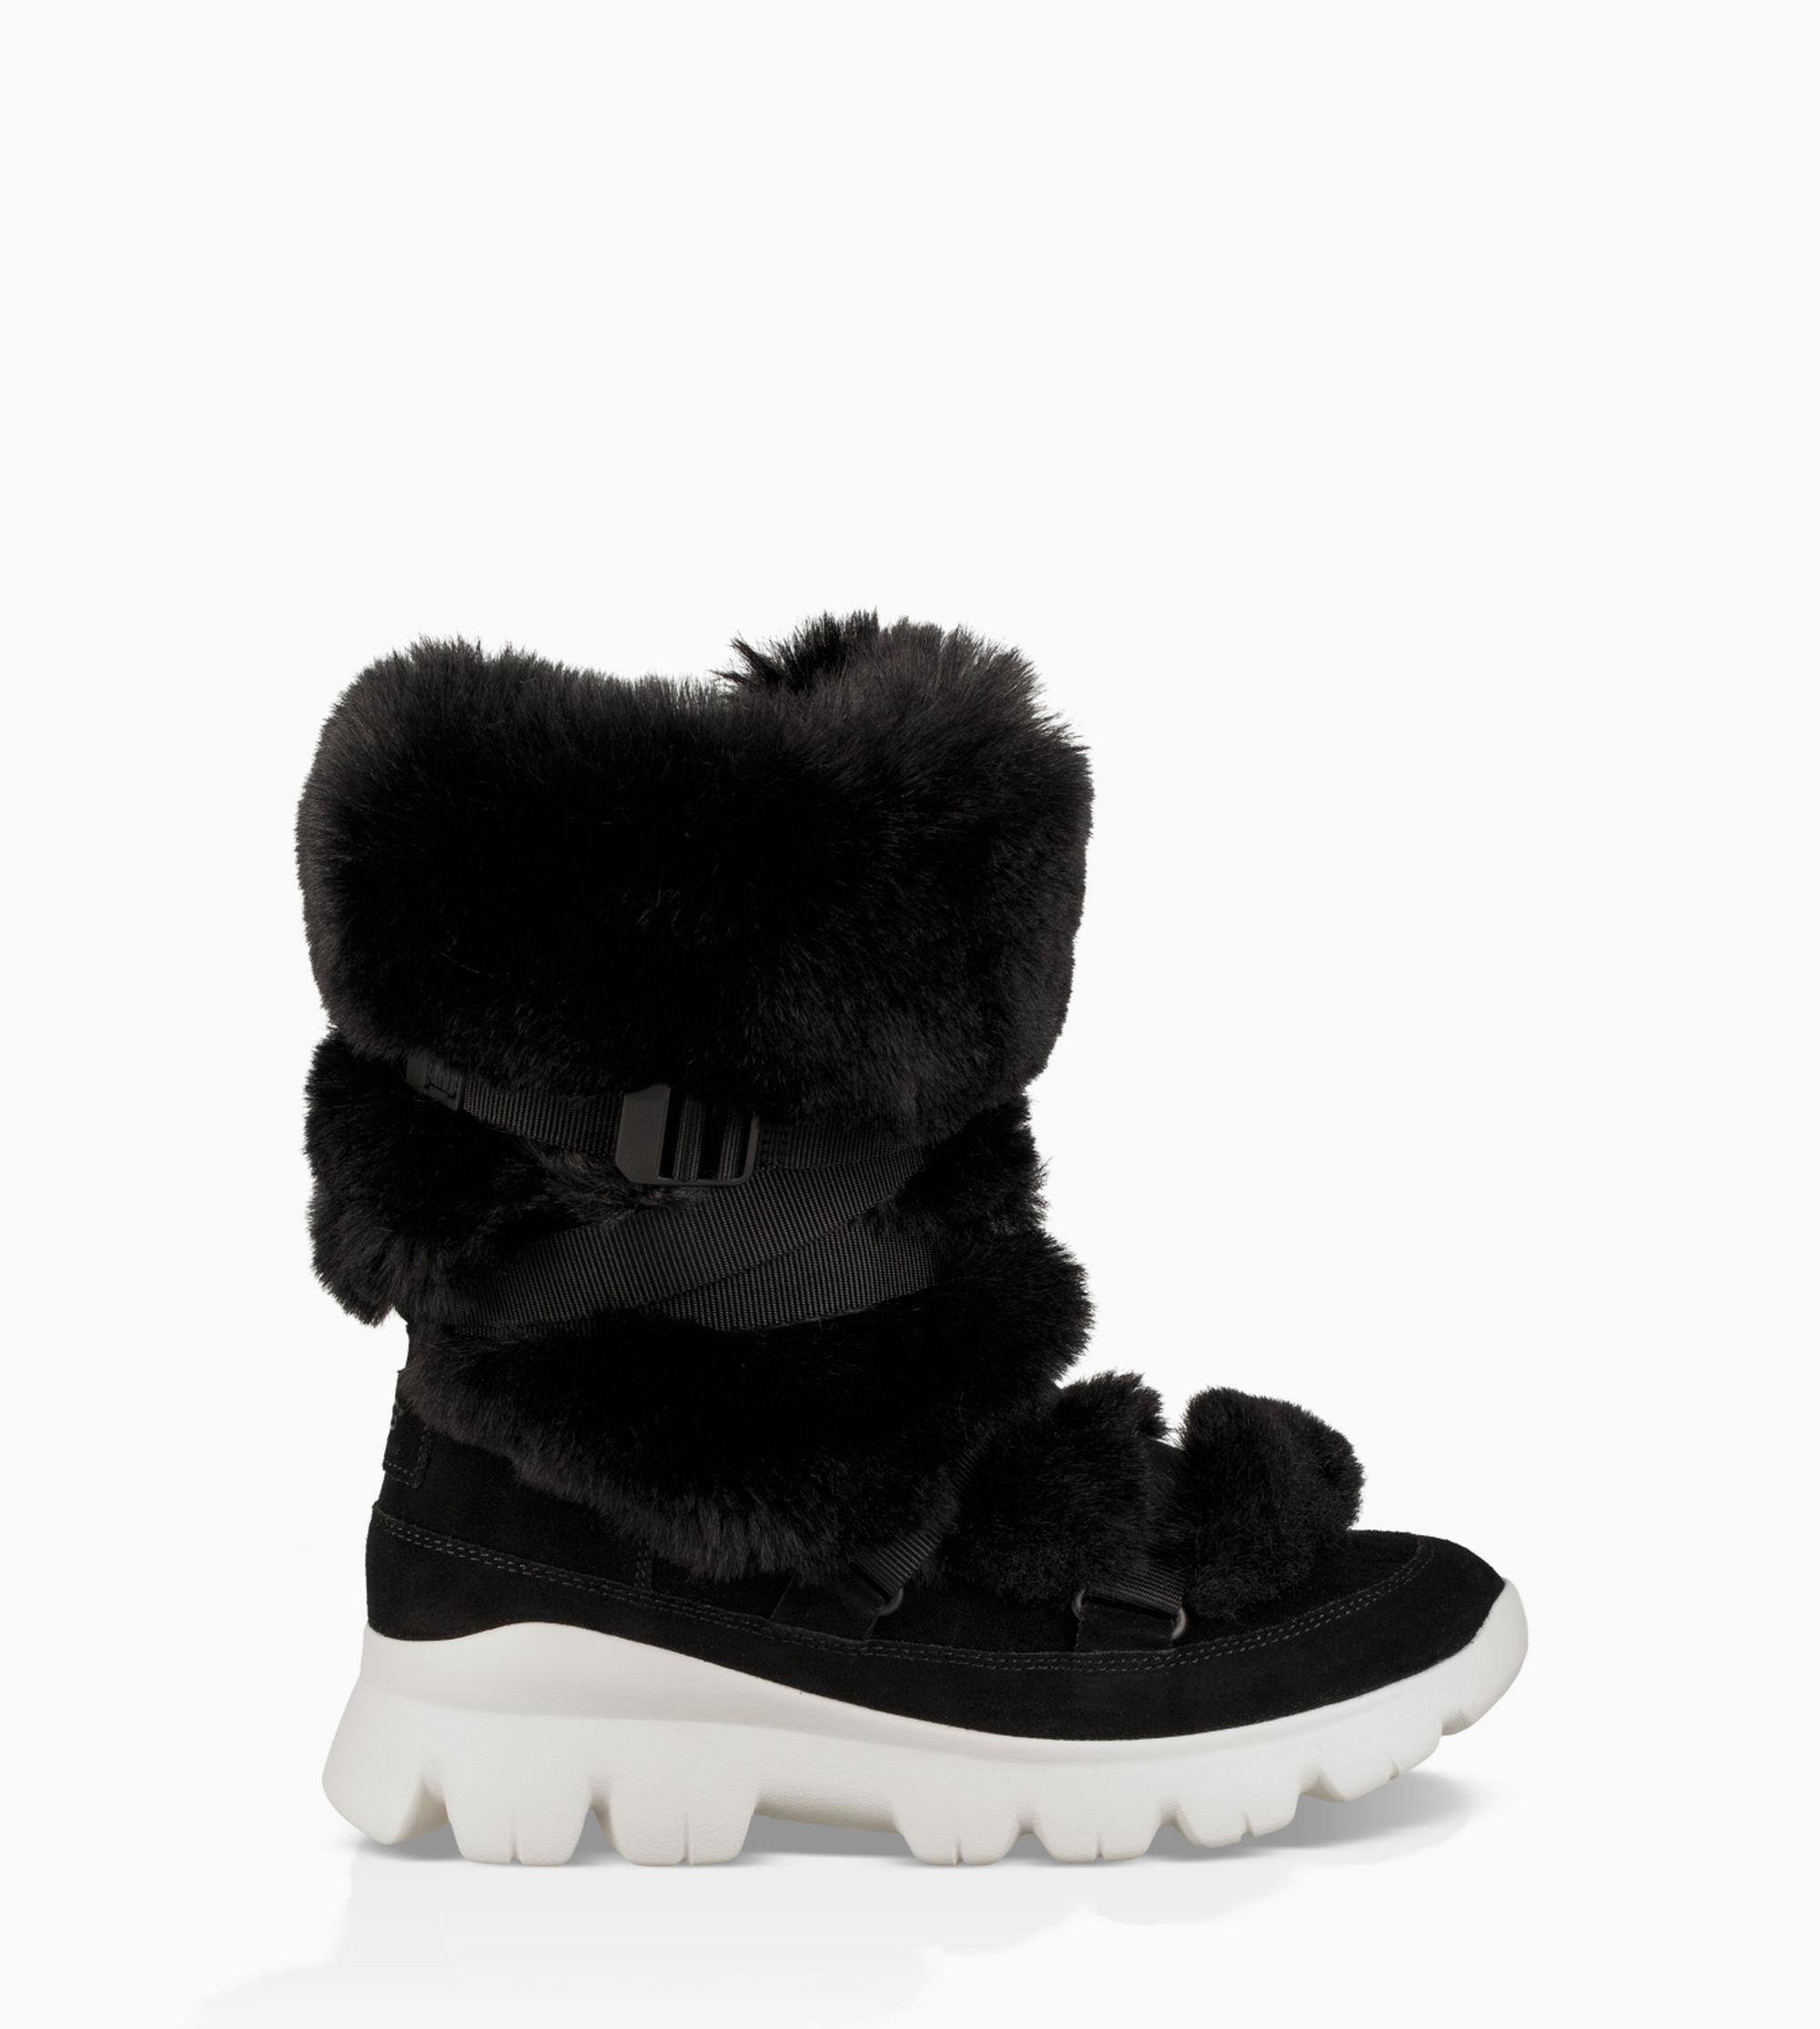 03579257e7c Women's Black Misty Boot Misty Boot